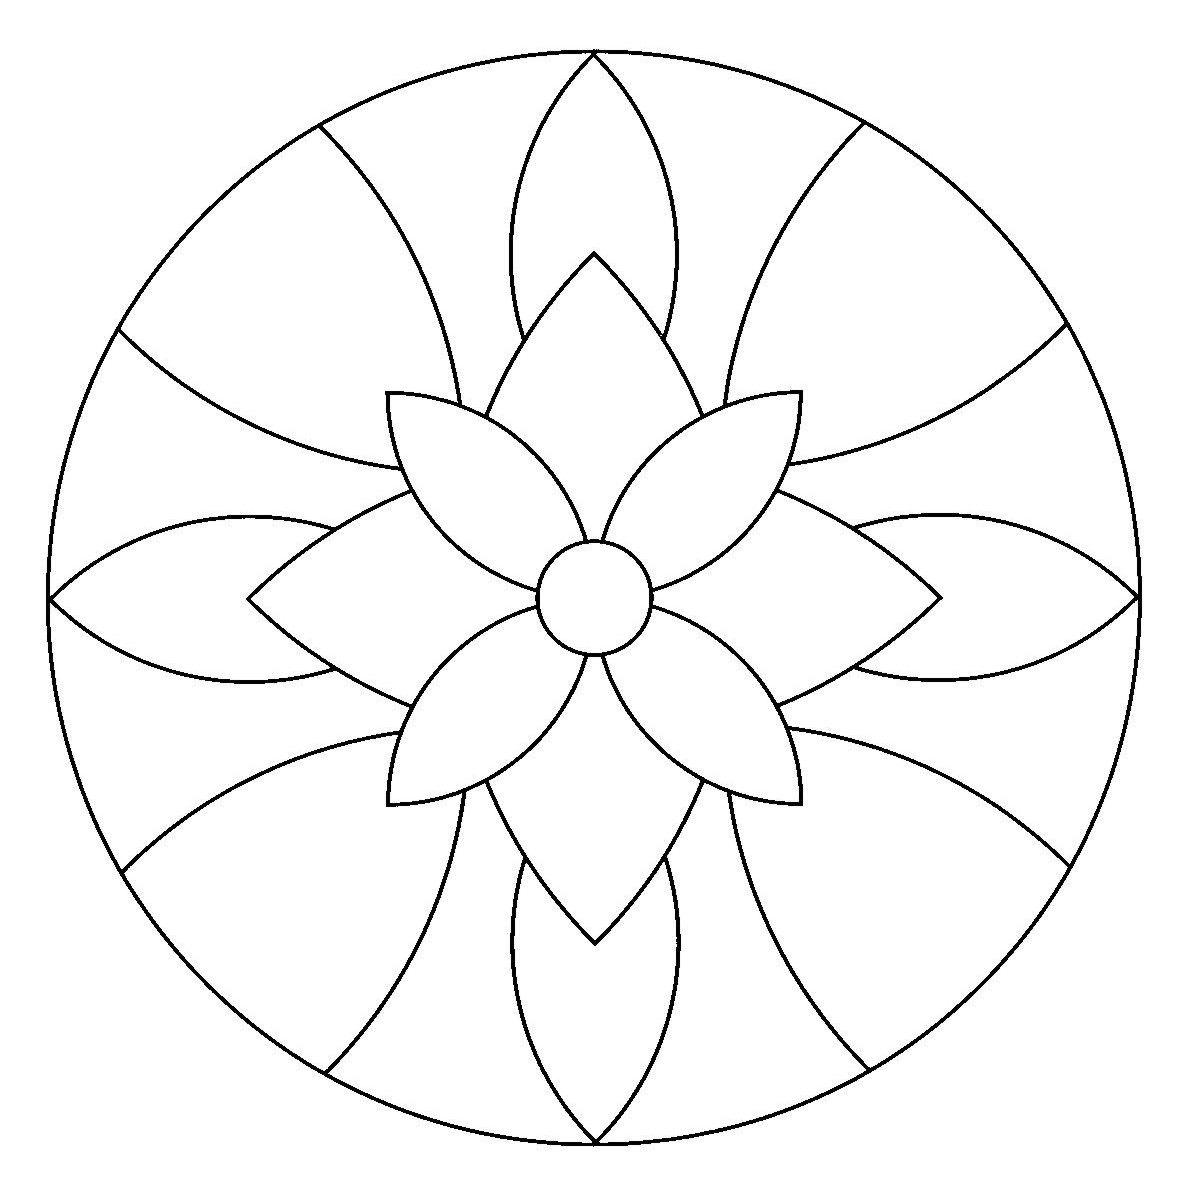 Dibujos De Mandalas Simples Imagenes De Mandalas Mandalas Para Colorear Mandalas